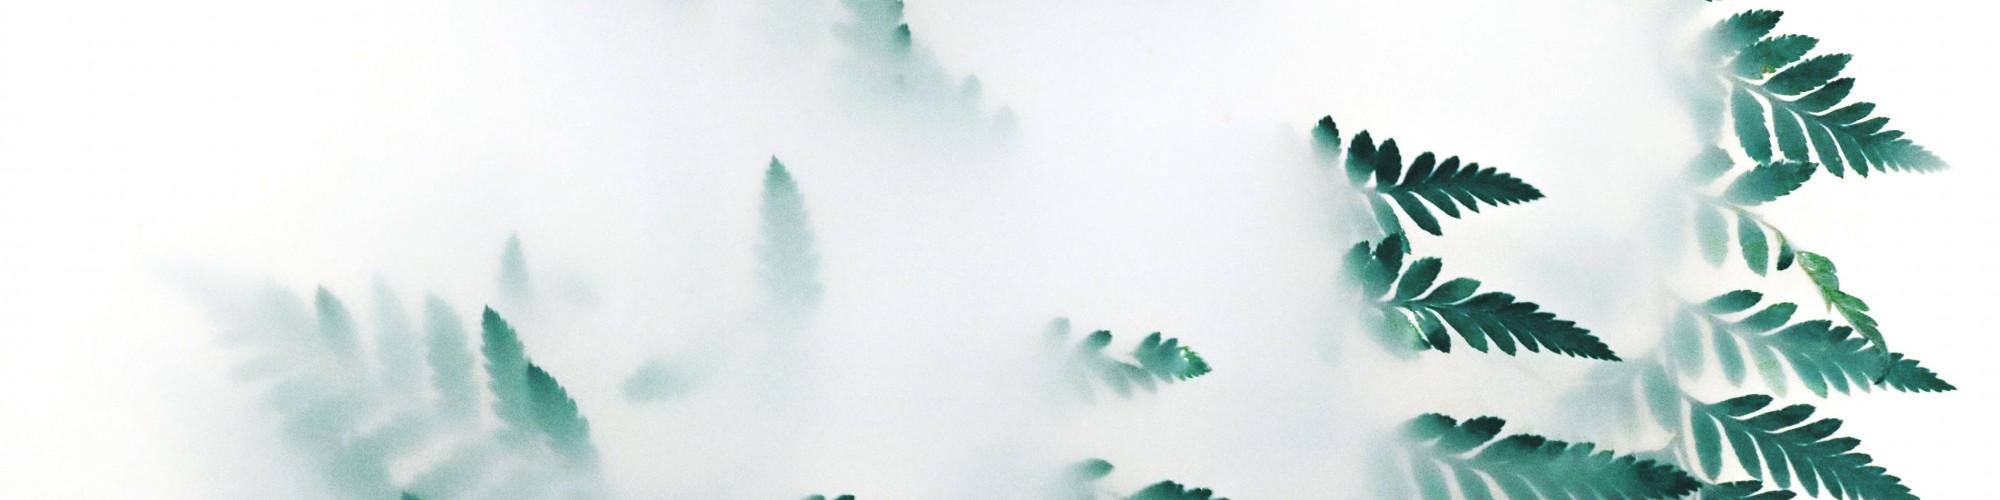 blur-bright-close-up-1405773